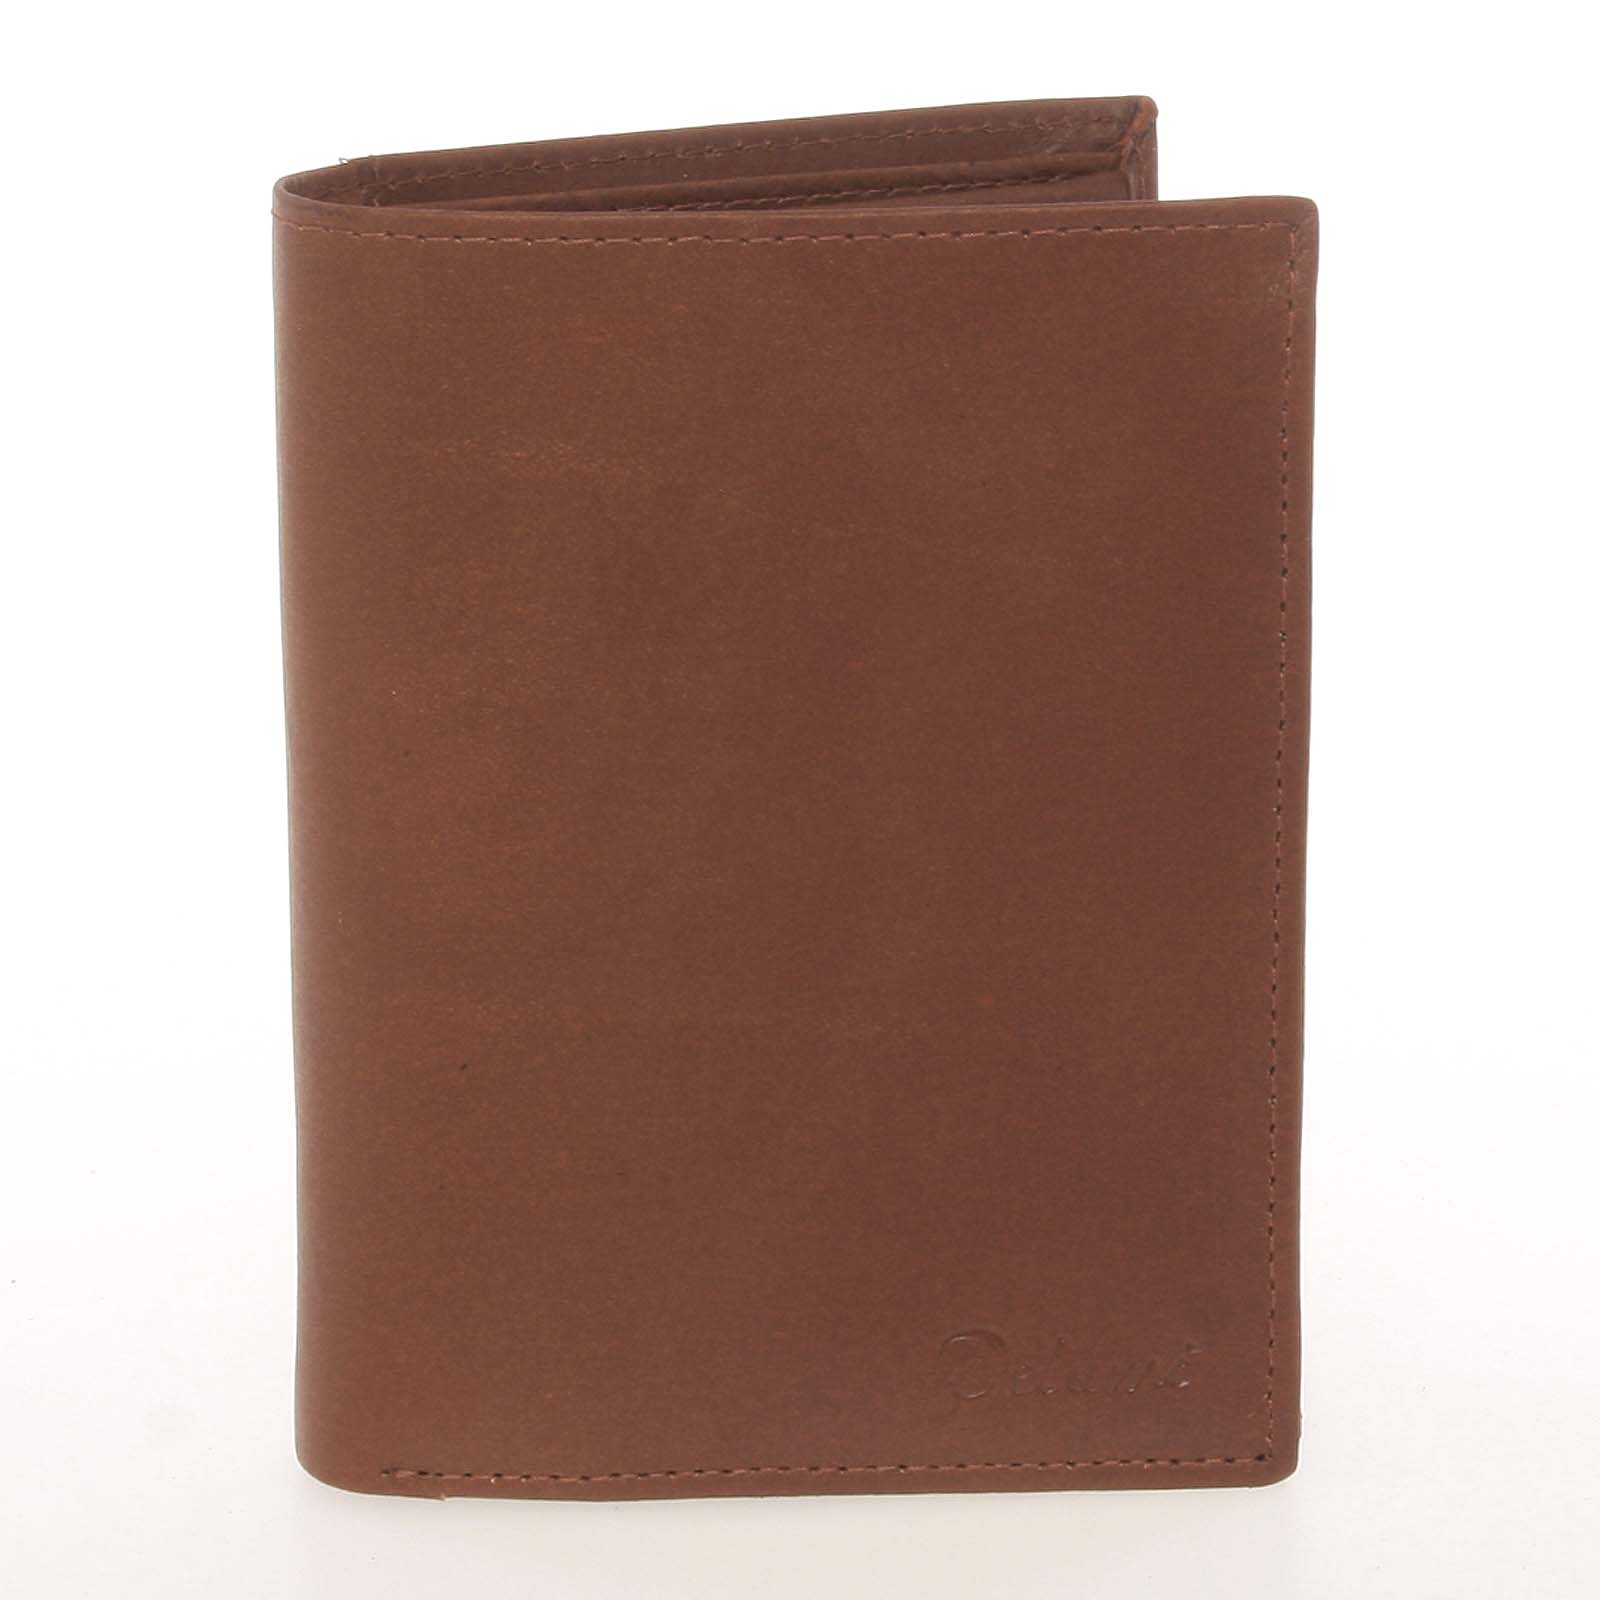 Módní pánská kožená koňaková peněženka - Delami Marquis